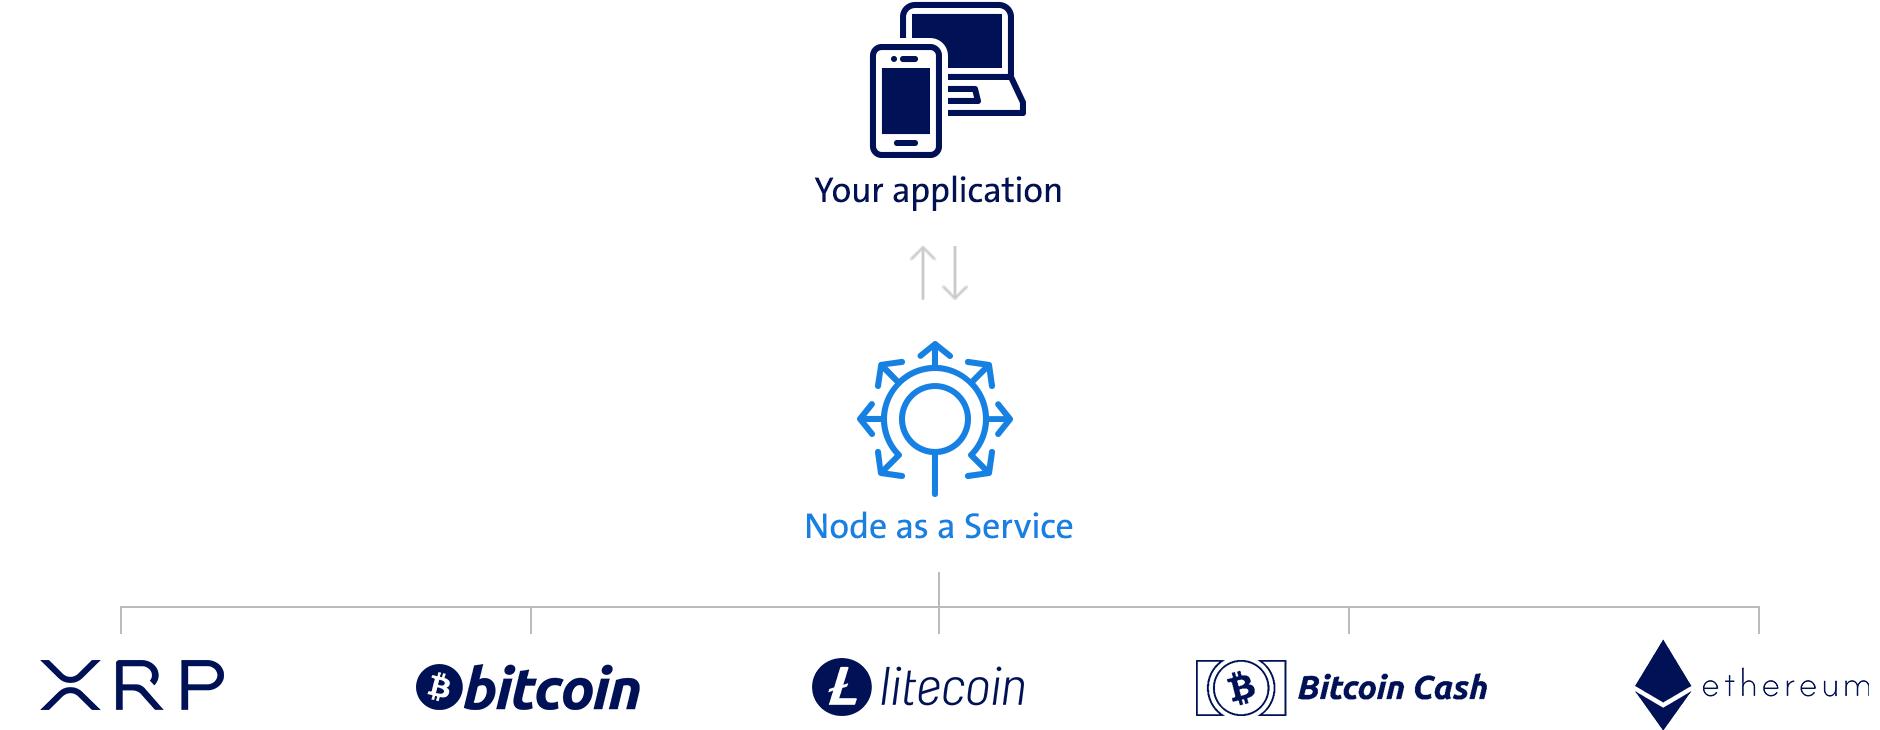 Diagram: Swisscom's Node as a Service blockchain interface